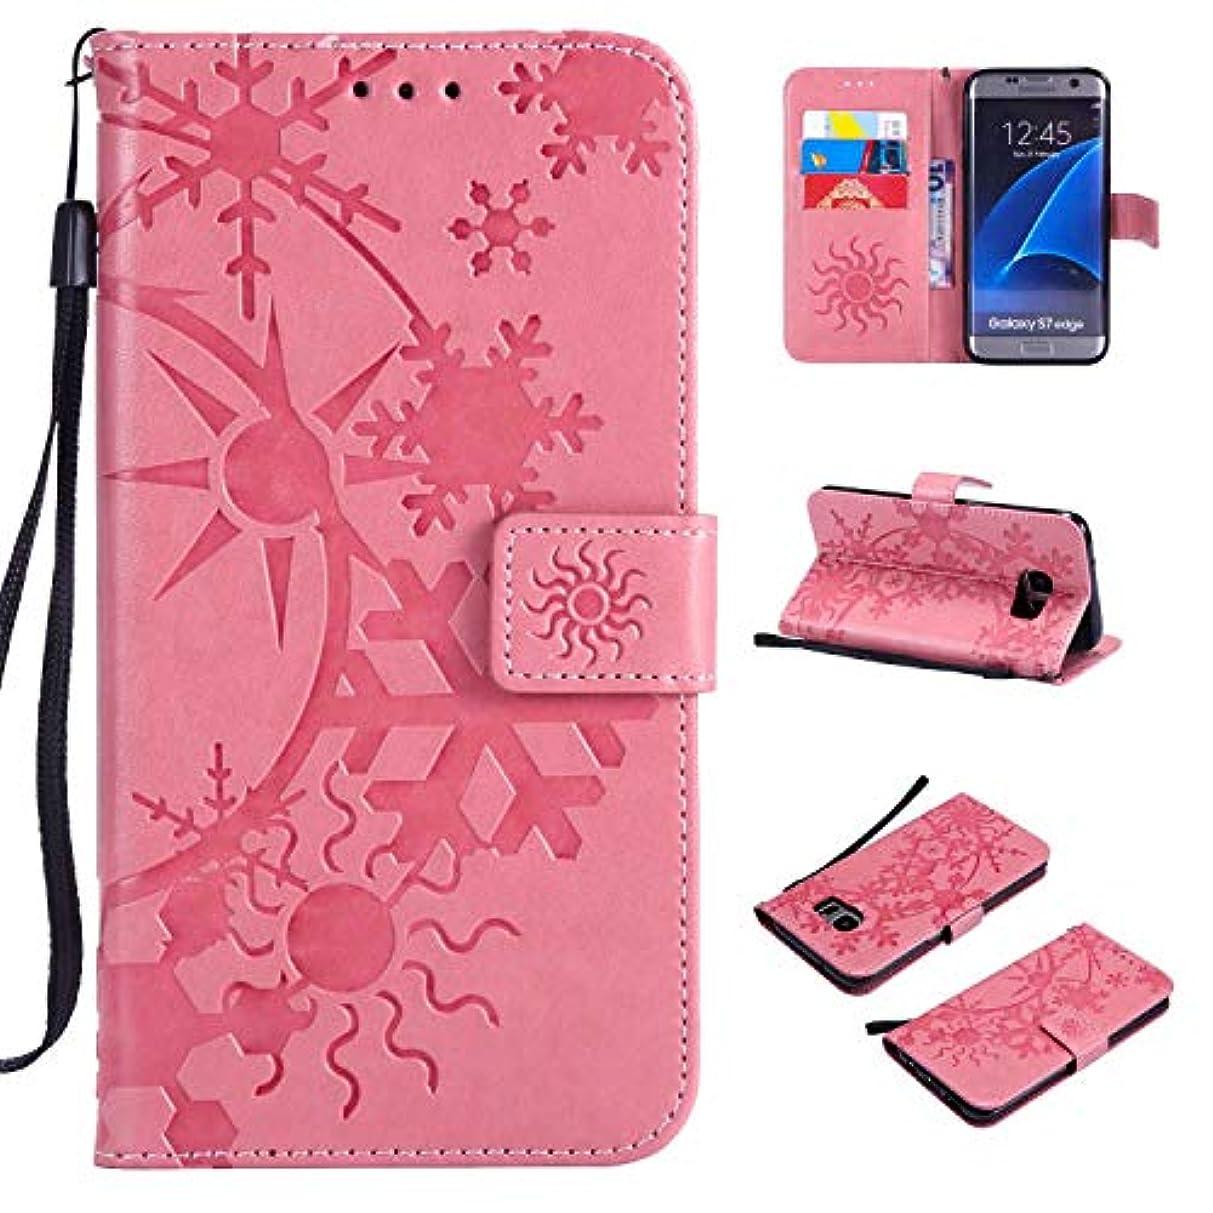 直立統計保護するGalaxy S7 Edge ケース CUSKING 手帳型 ケース ストラップ付き かわいい 財布 カバー カードポケット付き Samsung ギャラクシー S7 Edge マジックアレイ ケース - ピンク